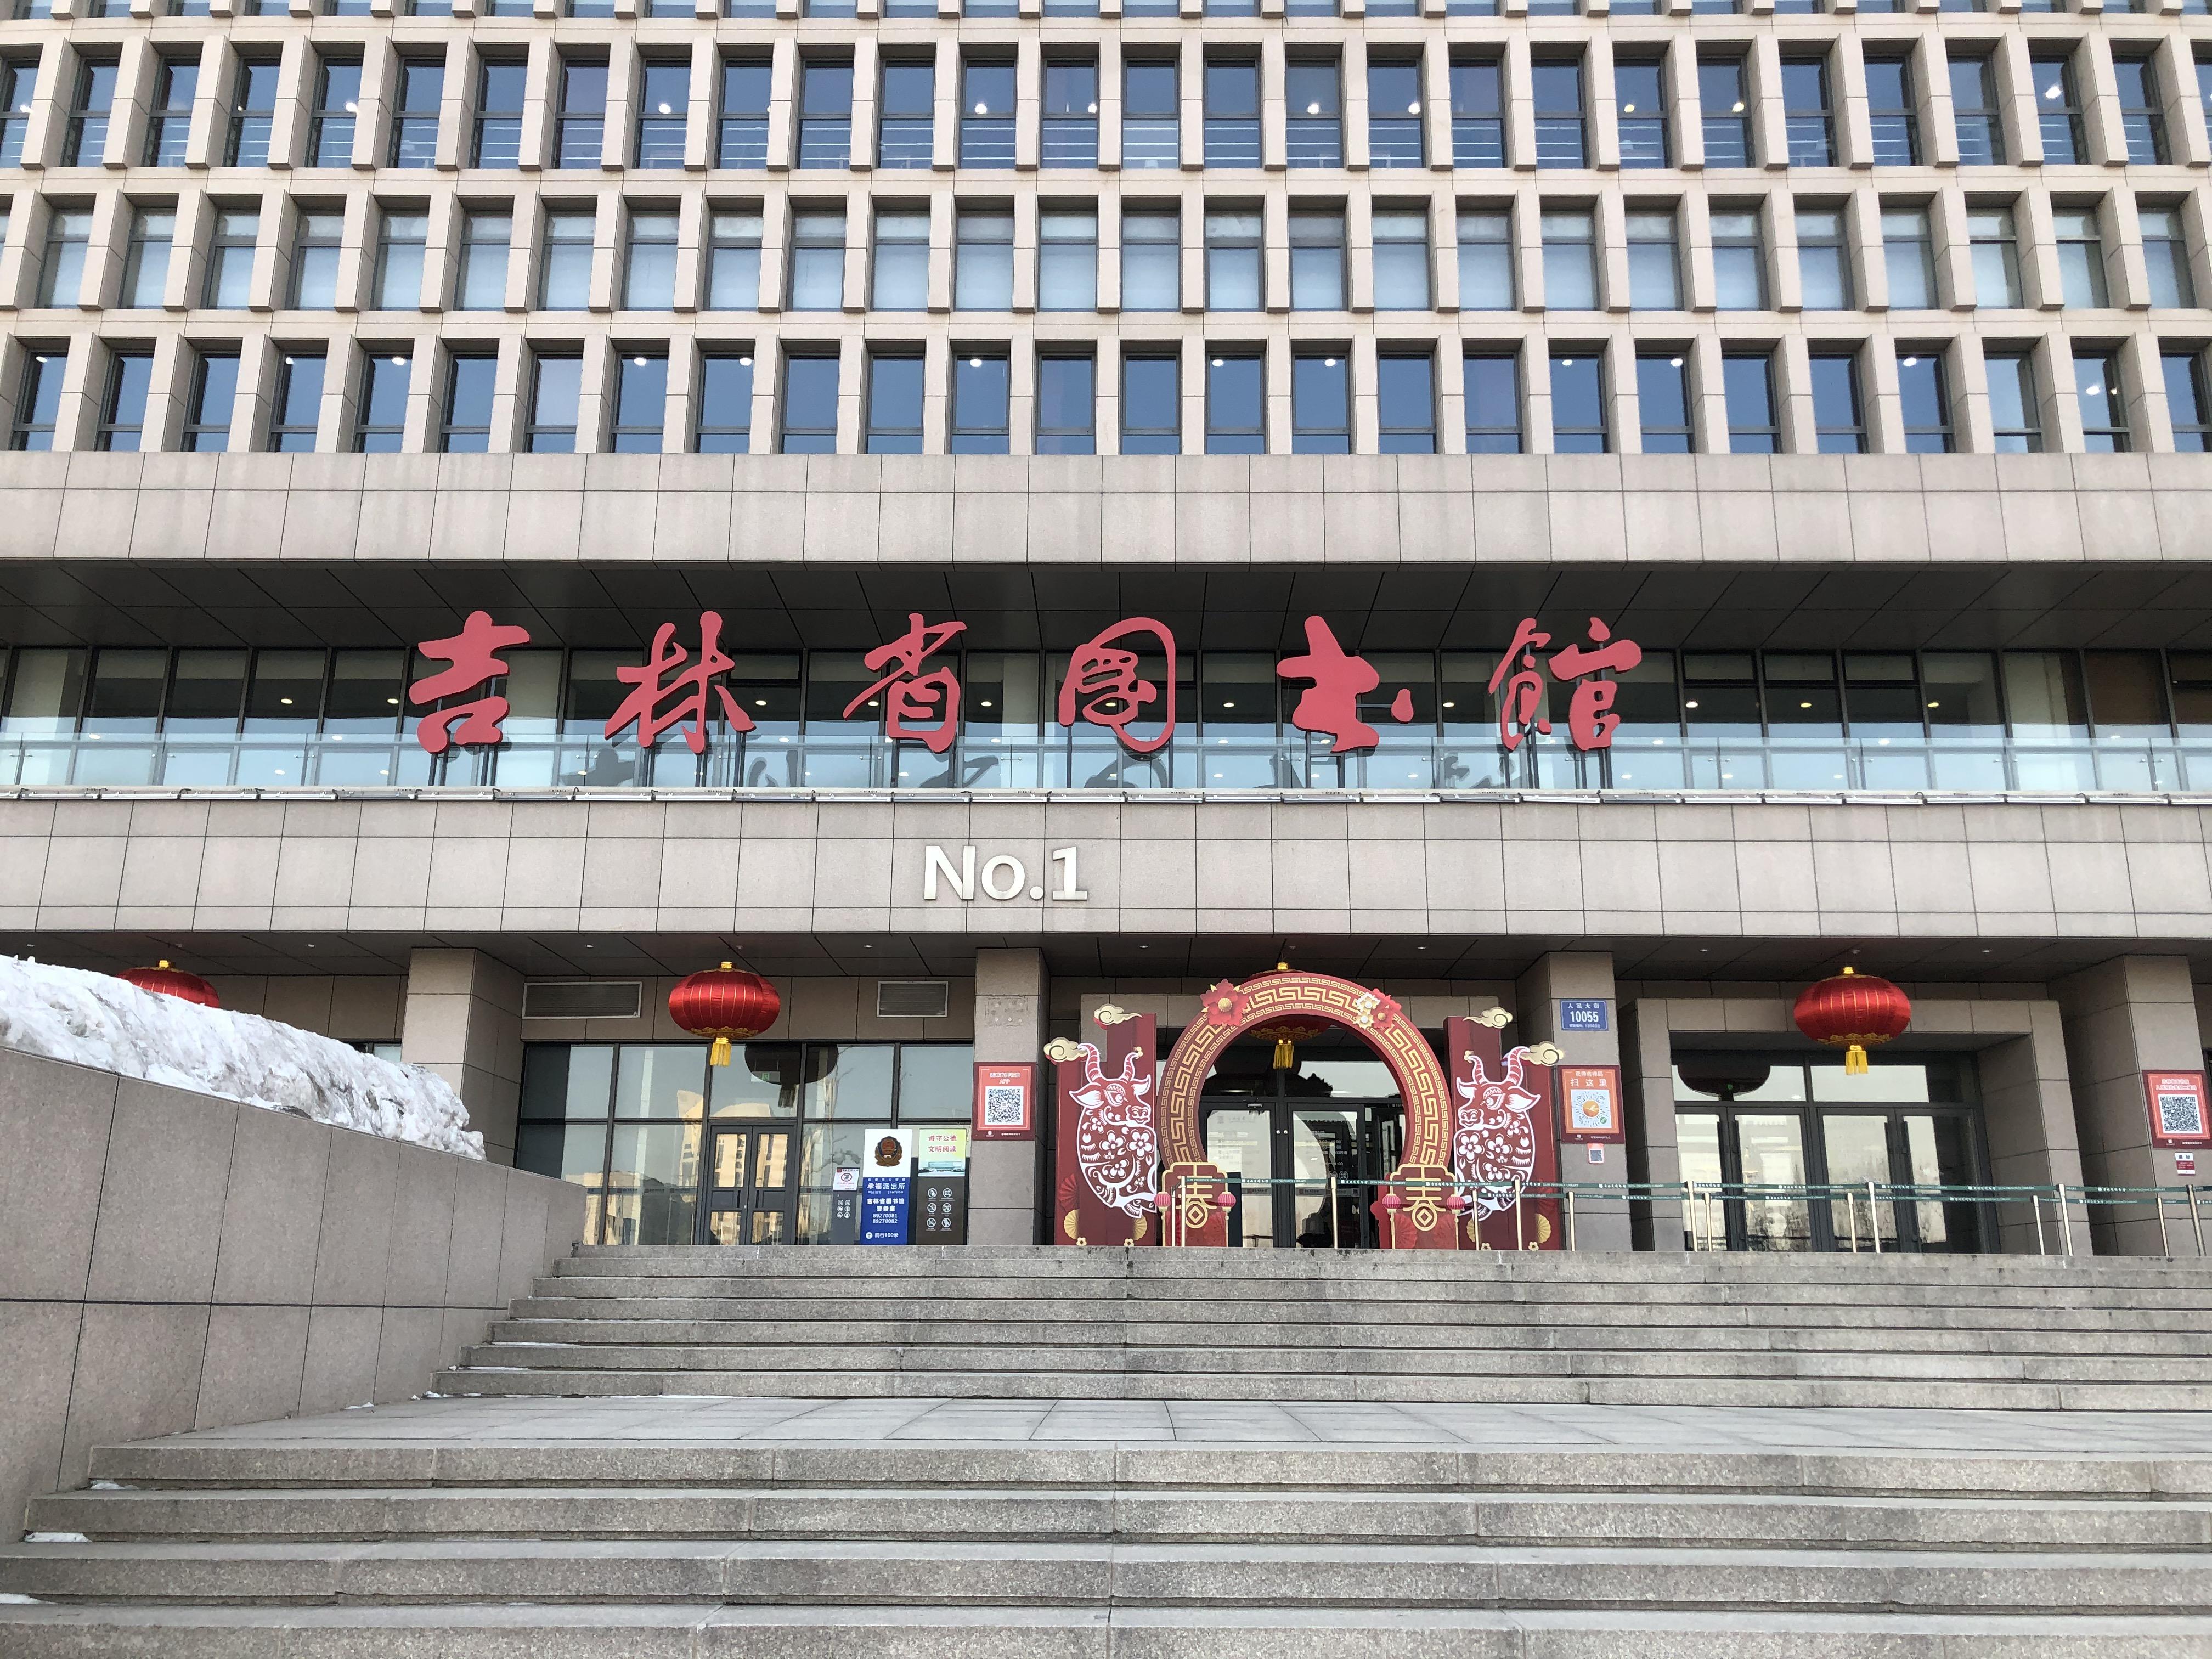 吉林省图书馆元宵节将举行猜灯谜活动